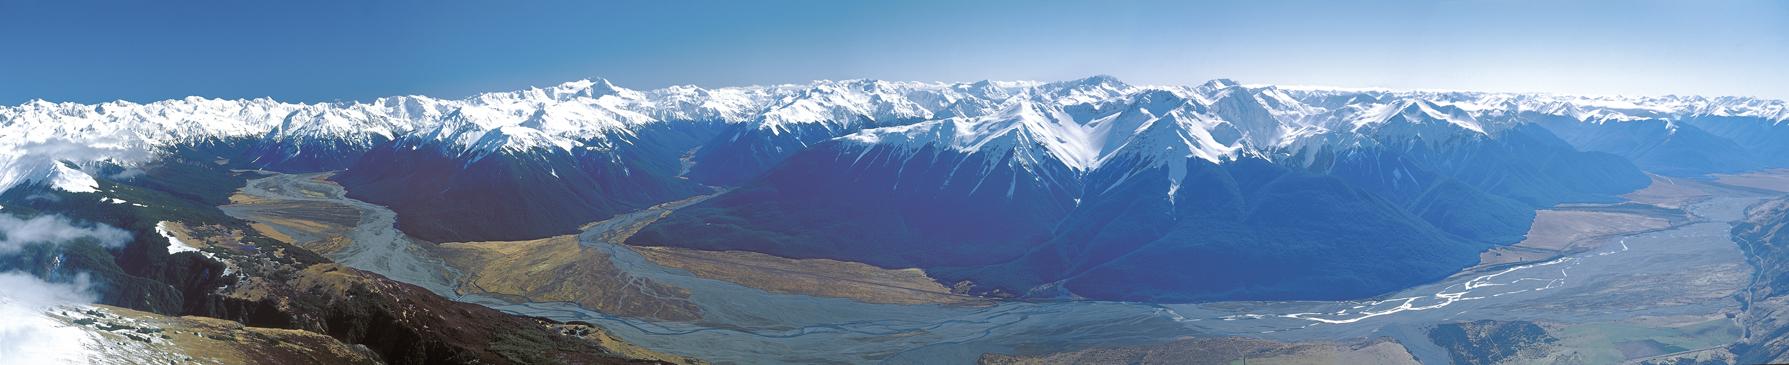 Arthurs Pass National Park panorama